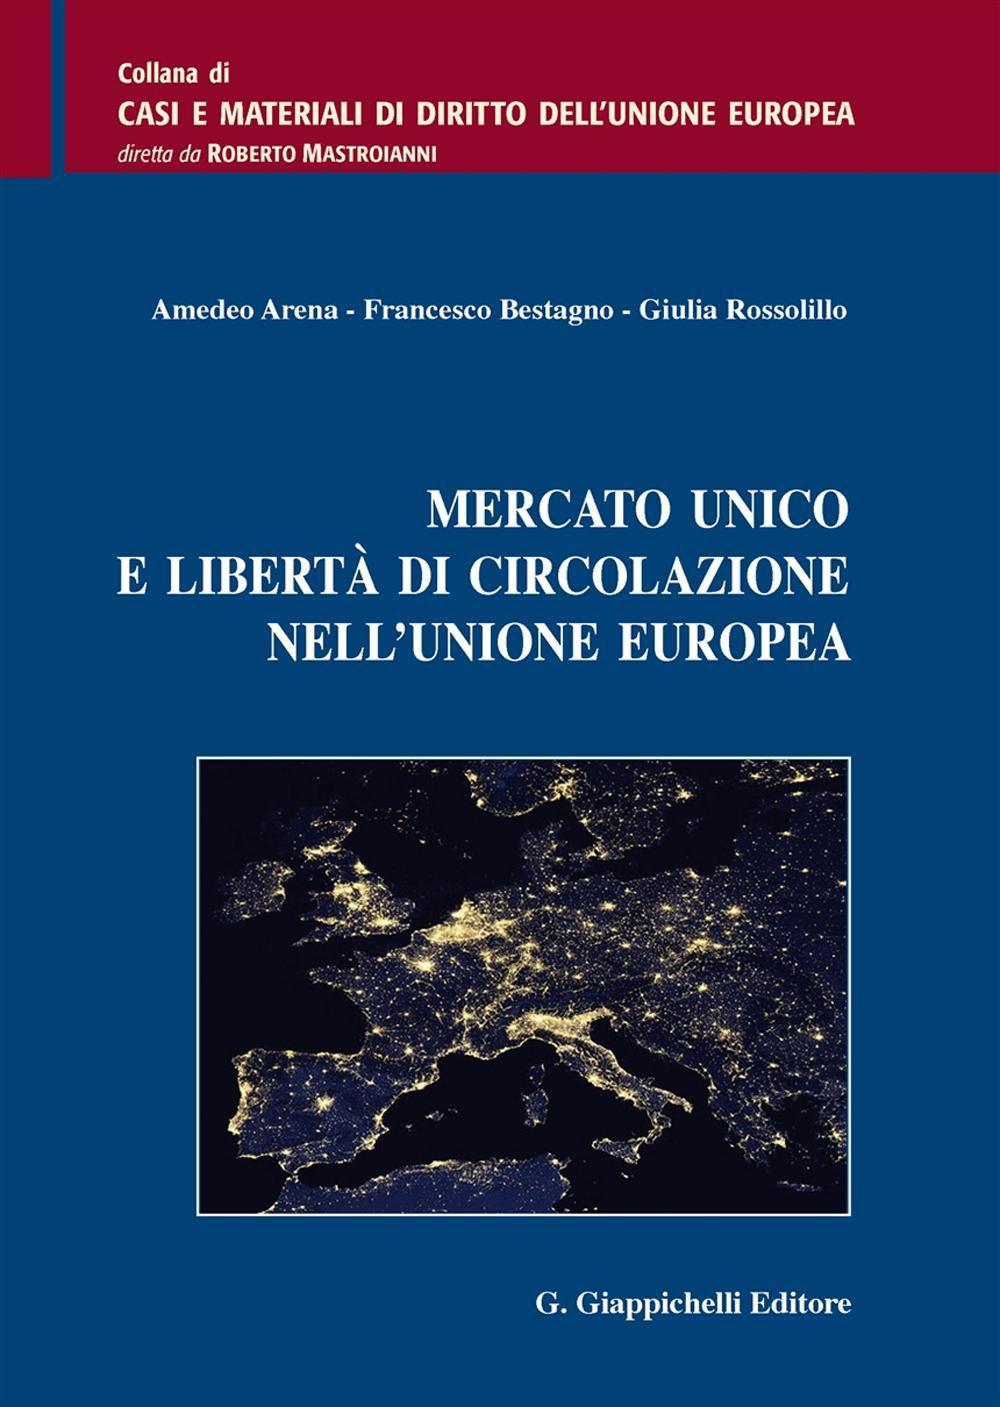 Mercato unico e libertà di circolazione nell'Unione europea. Amedeo Arena, Francesco Bestagno, Giulia Rossolillo